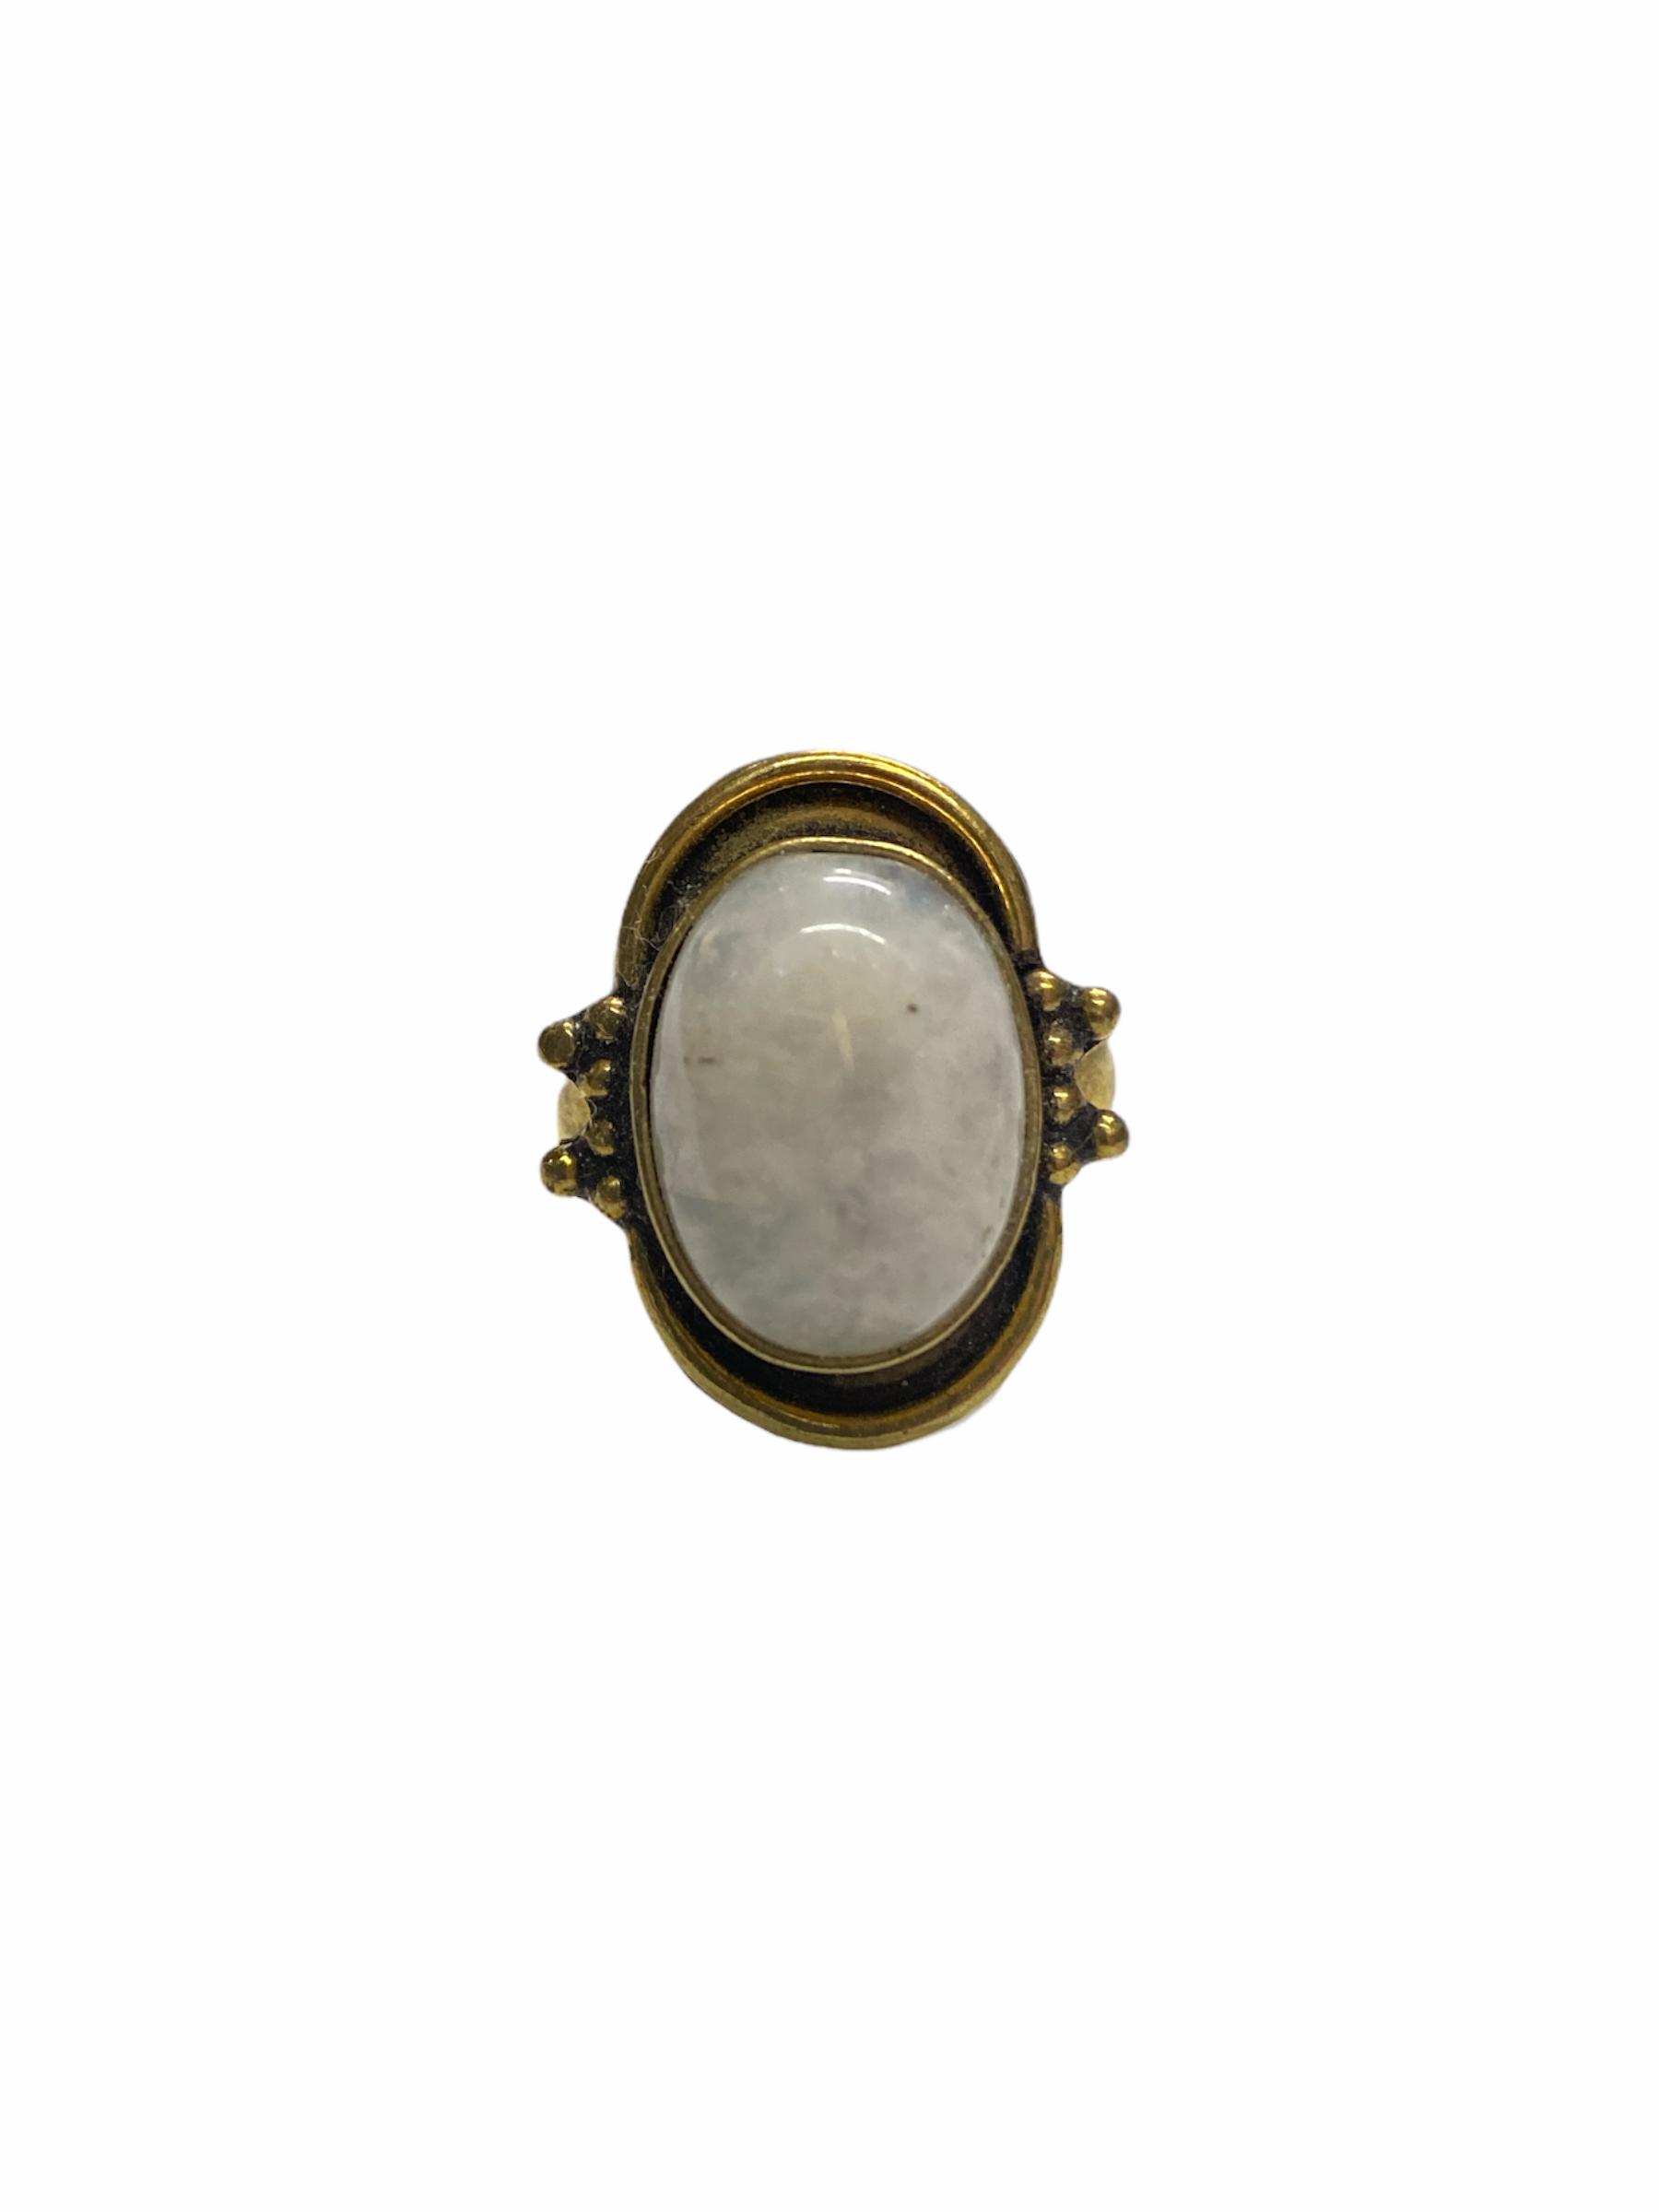 Δαχτυλίδι Χειροποίητο Με Φεγγαρόπετρα Σε Χρυσό Χρώμα